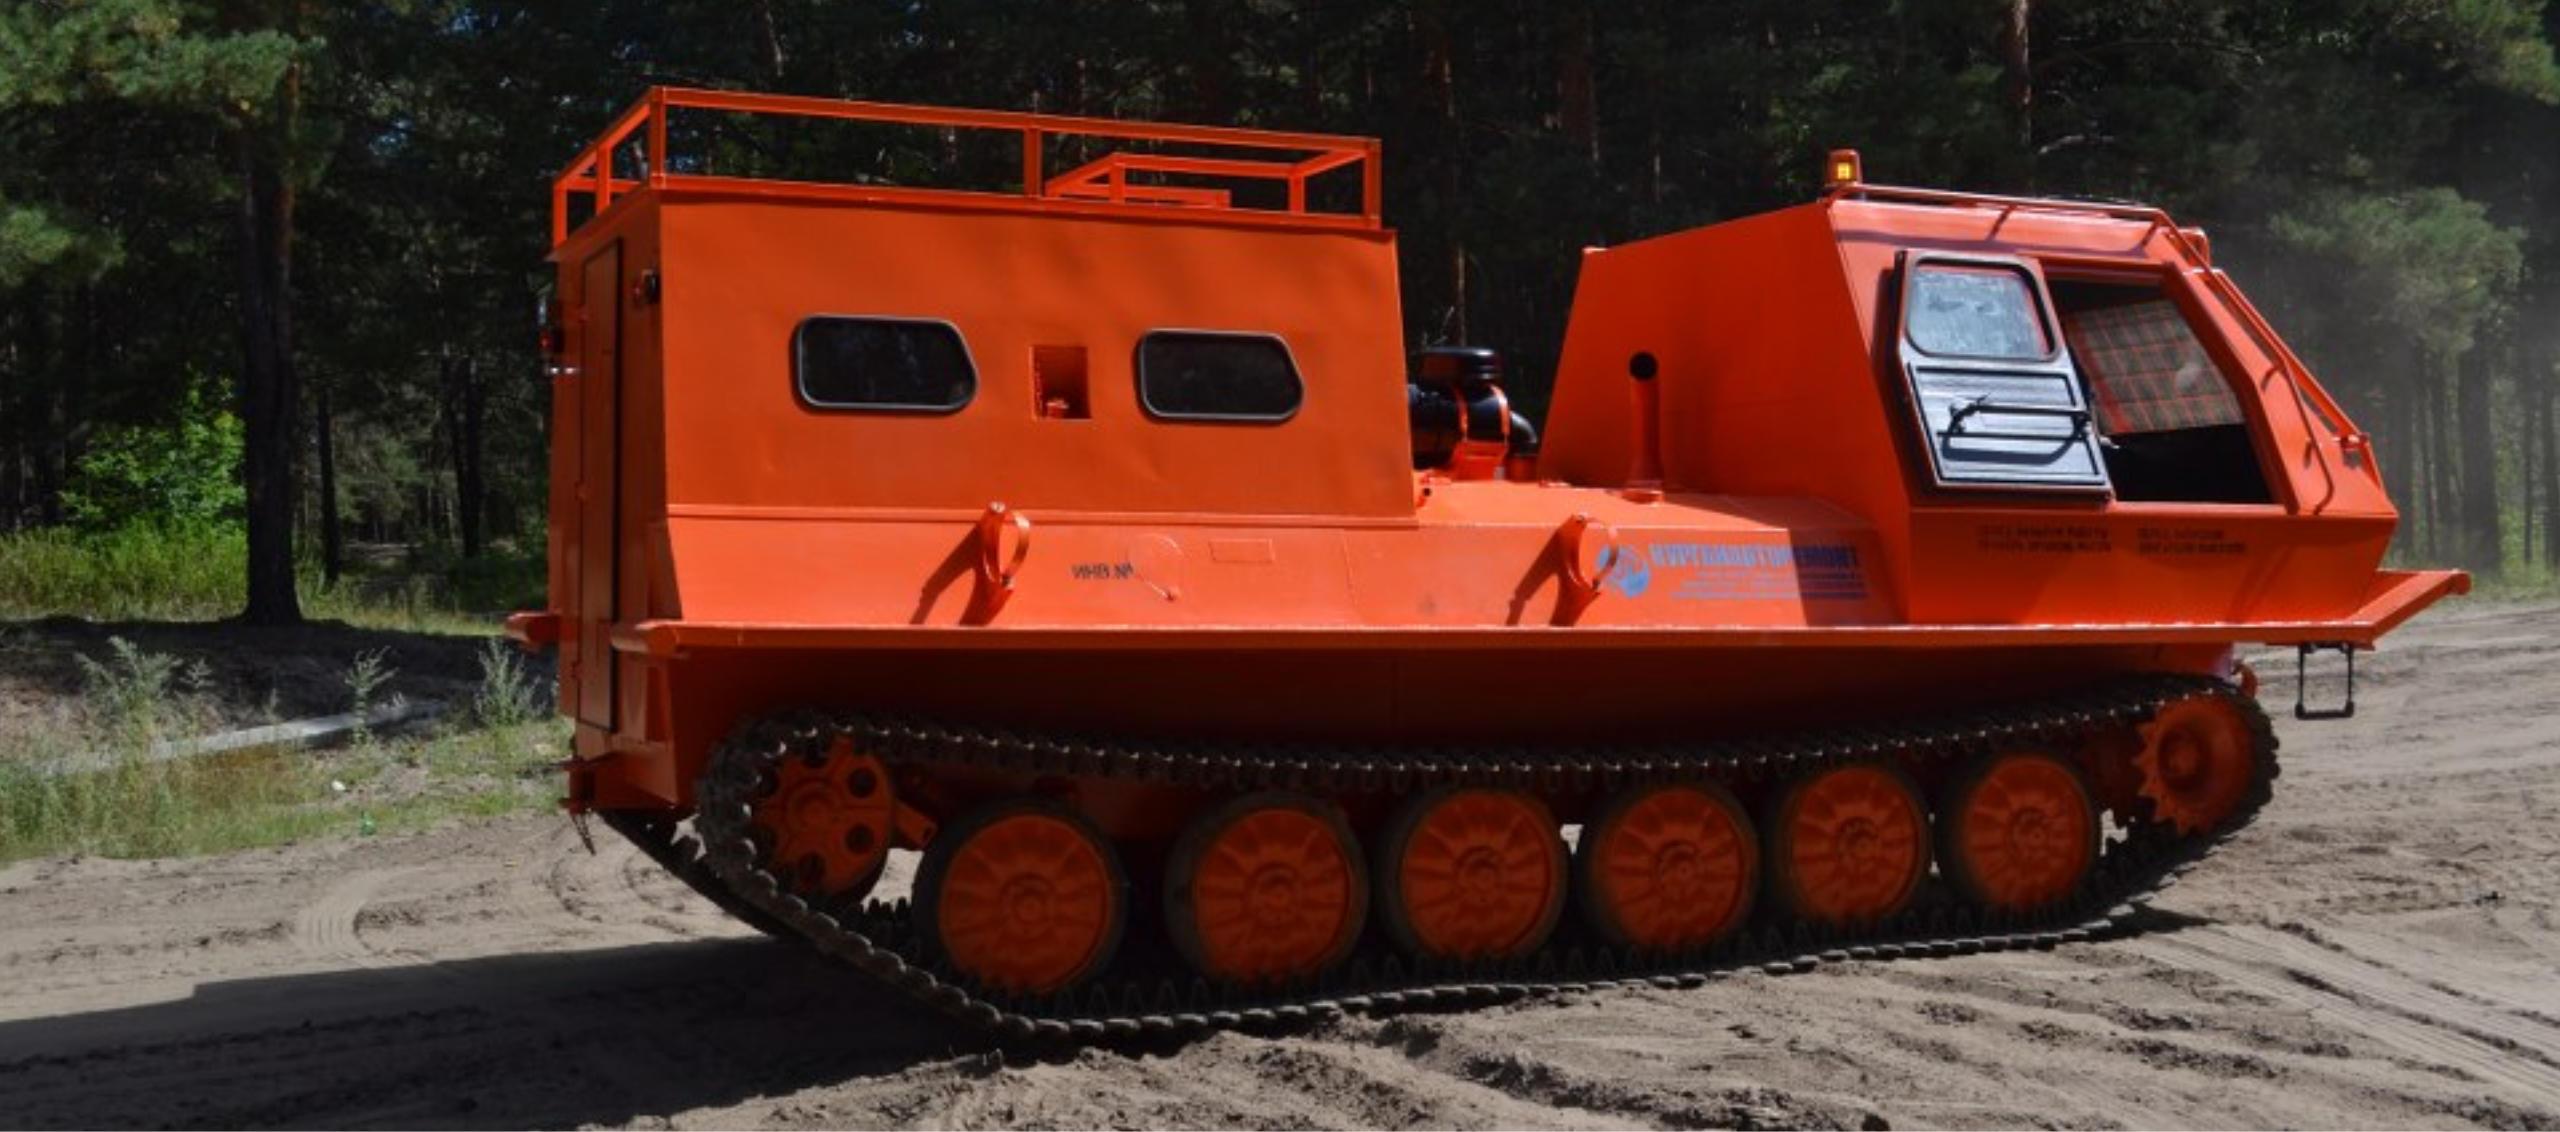 Снегоболотоход КТМ-10Г грузопассажирский с кунгом